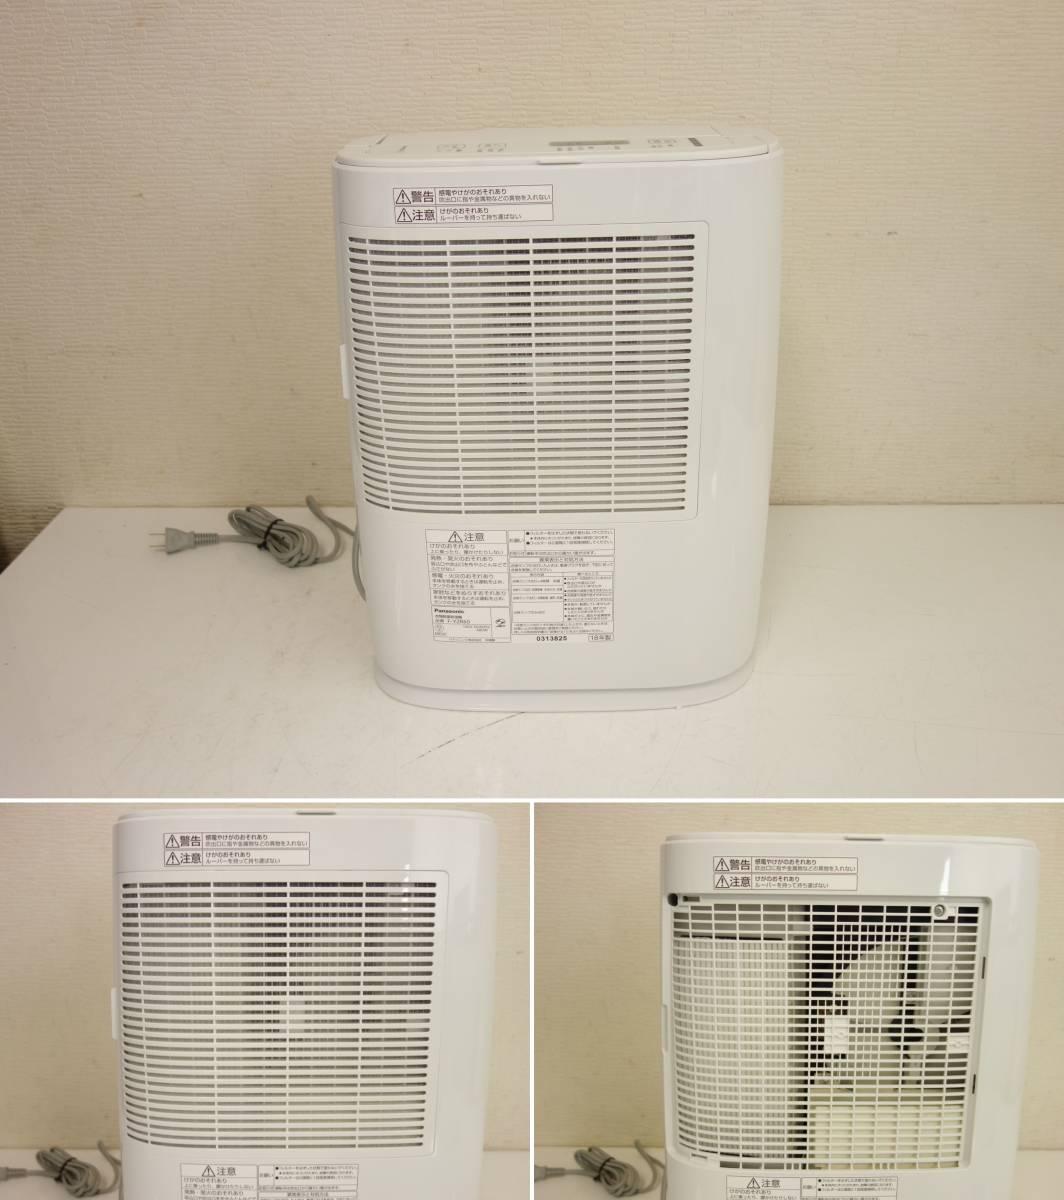 【中古】M▽パナソニック 除湿機 衣類乾燥 2018年 デシカント方式 コンパクトタイプ ホワイト F-YZR60 (25401)_画像6